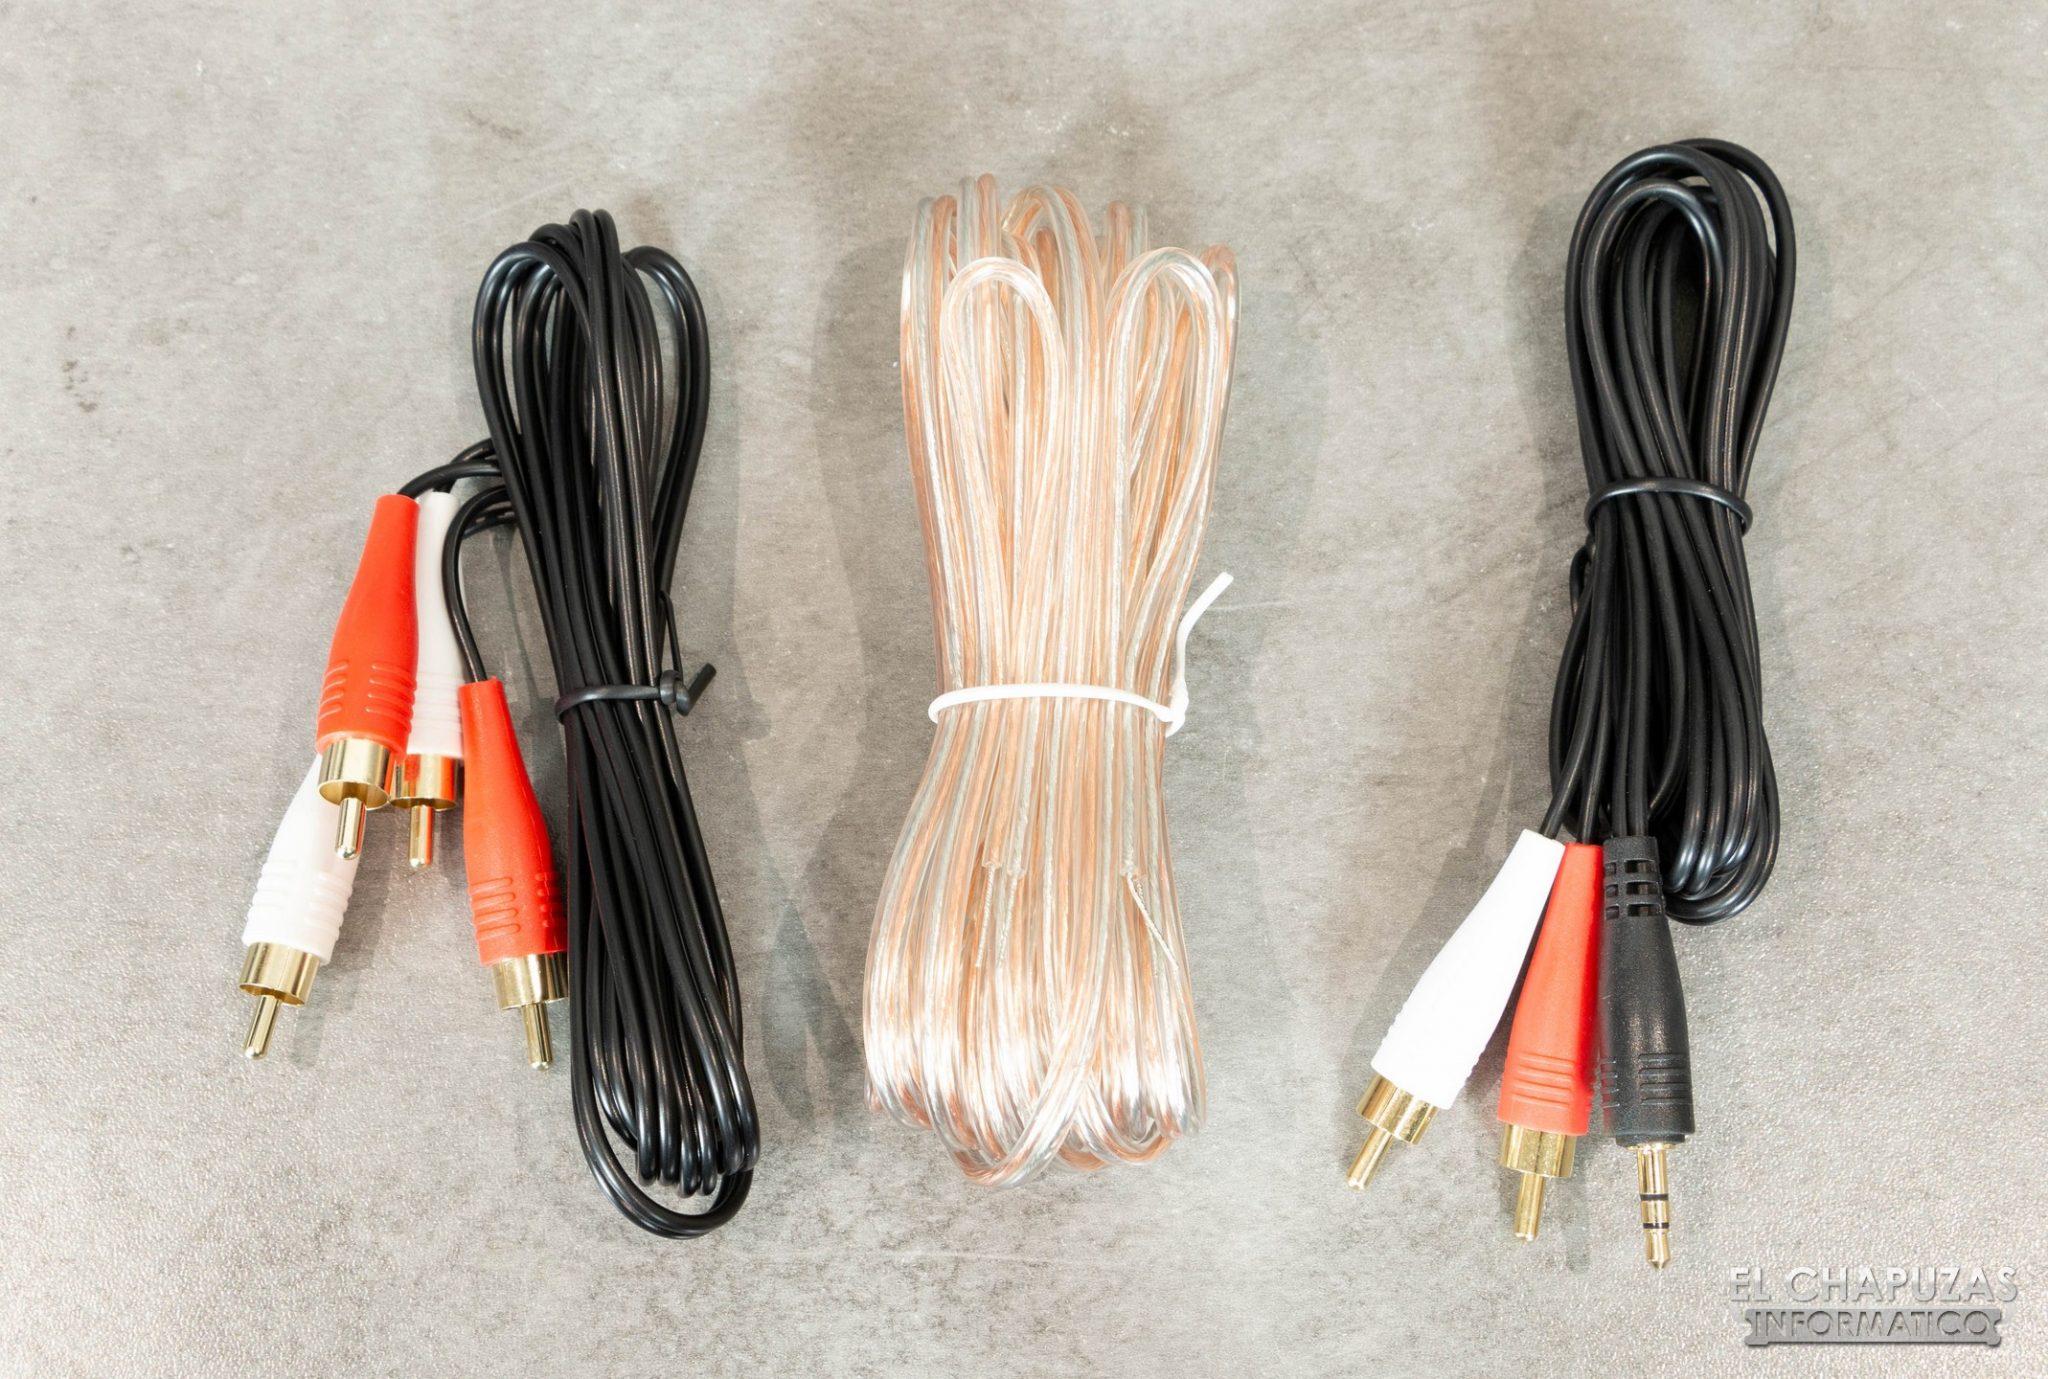 Edifier R1580MB 05 2048x1379 8